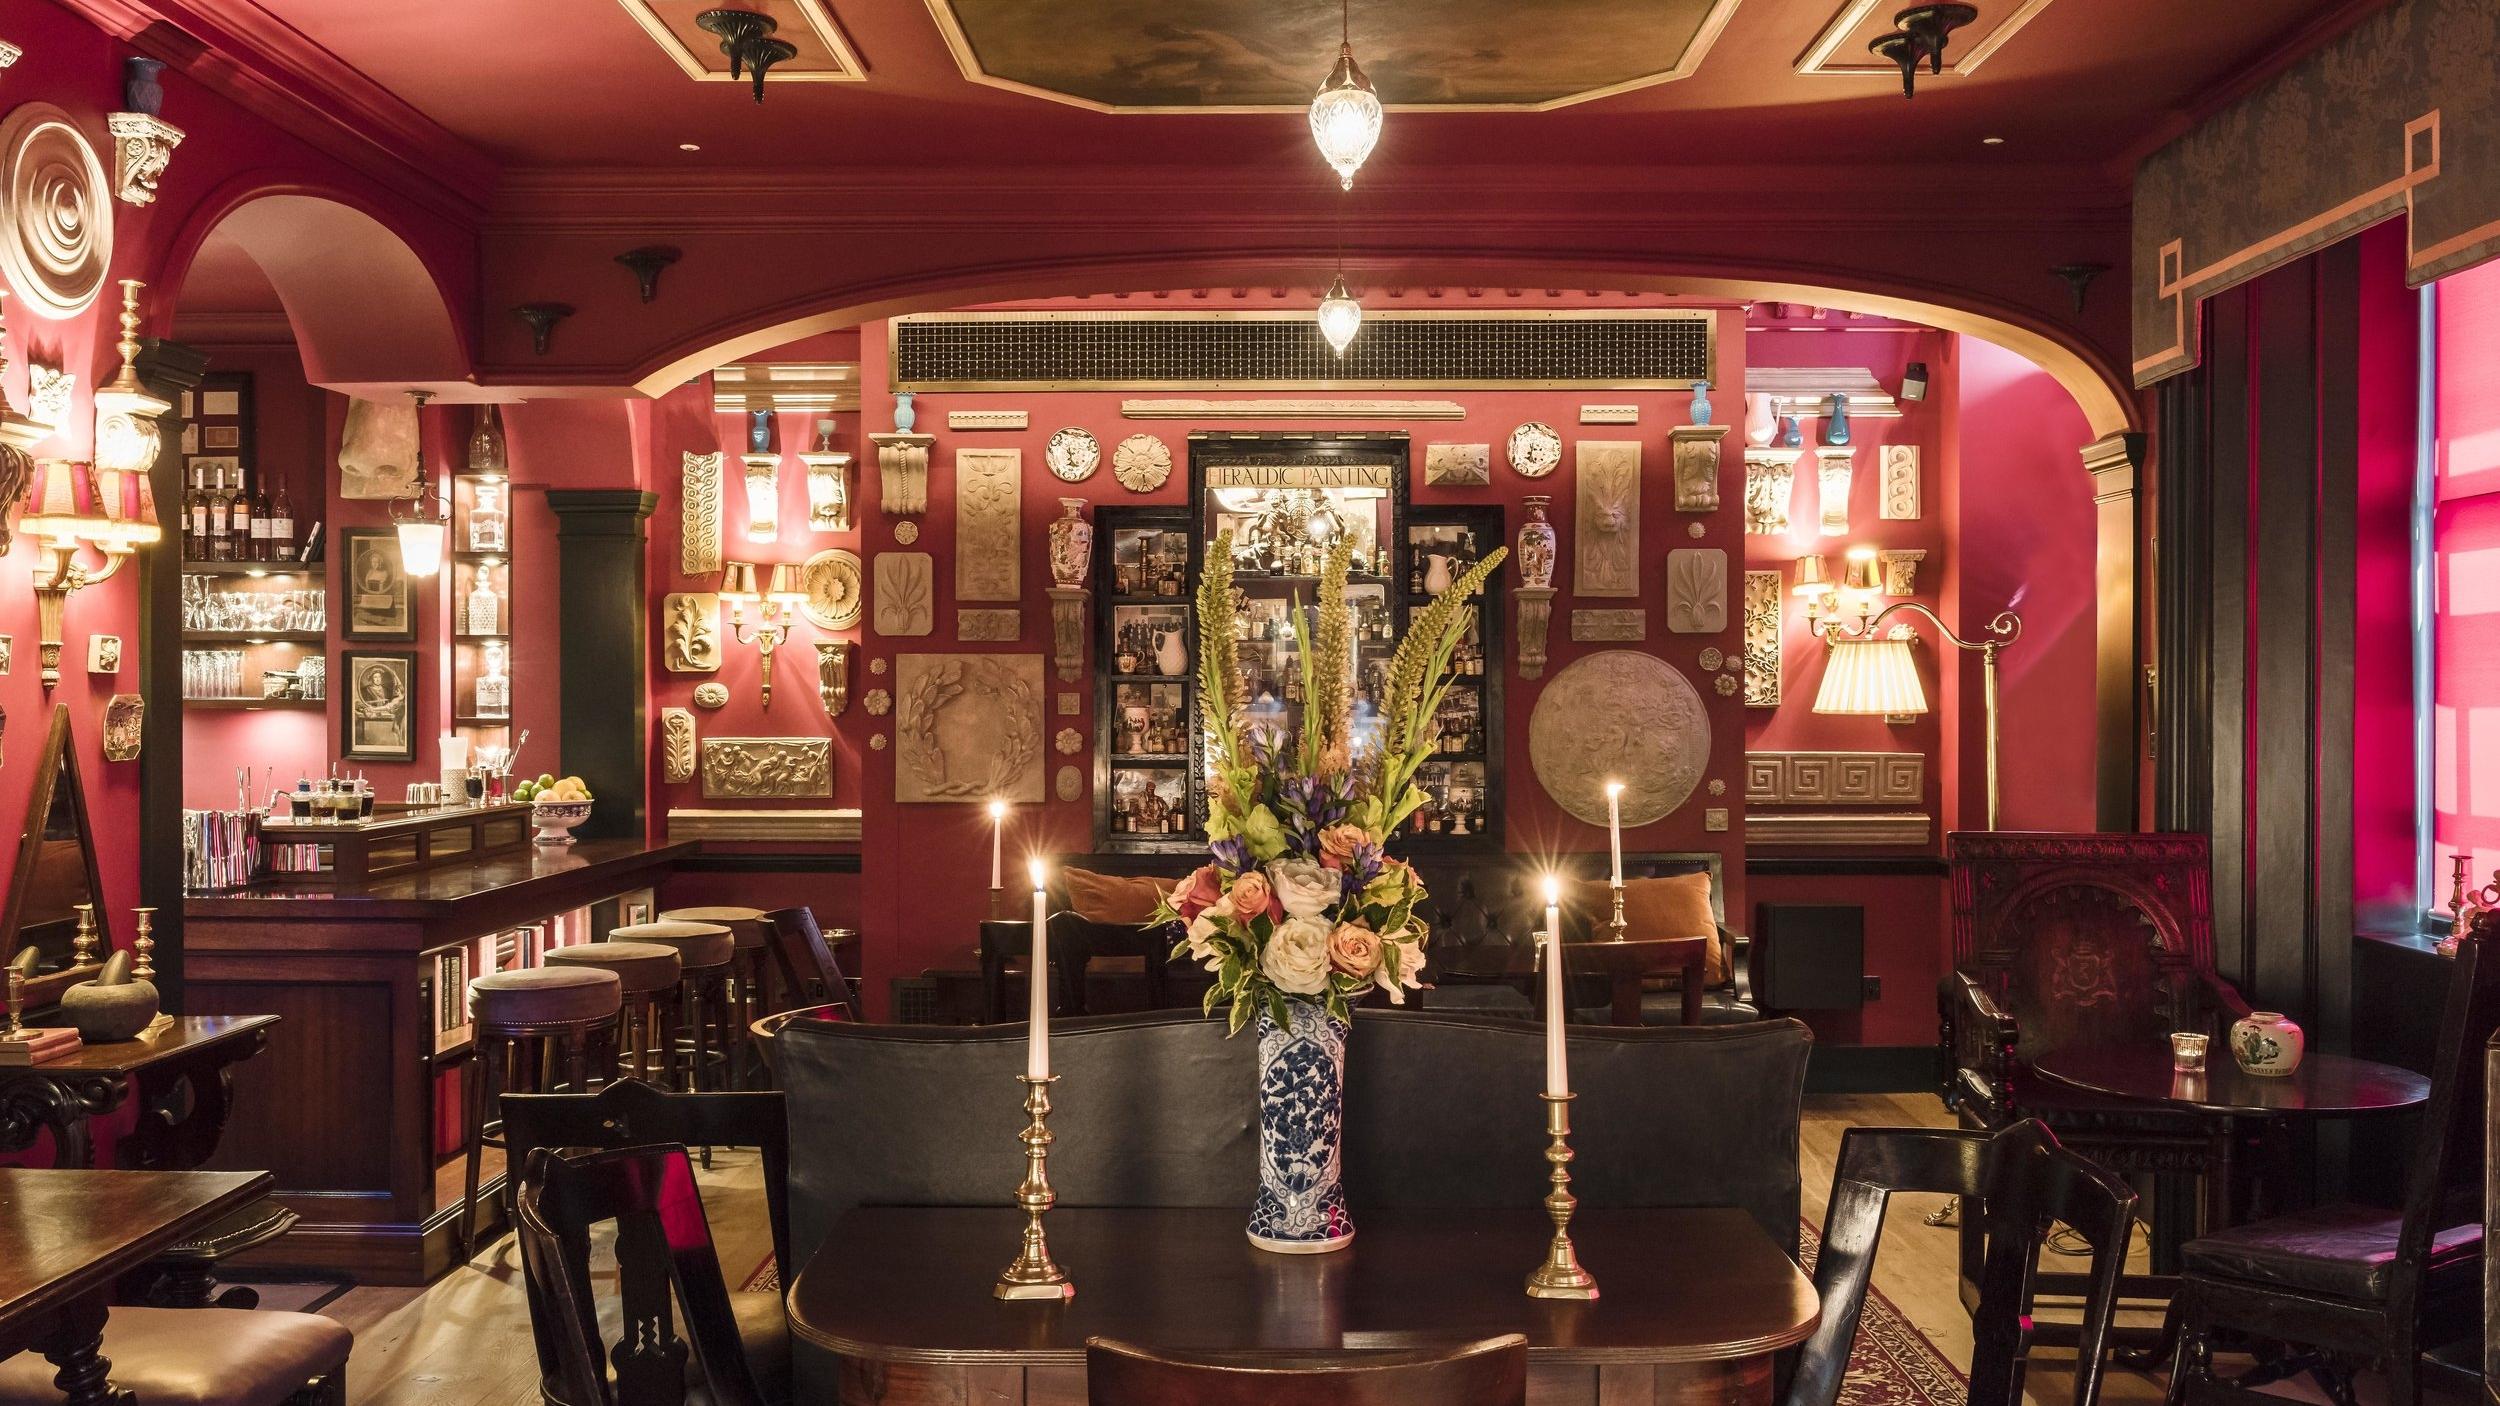 ZTHM Andreas von Einsiedel_Seymour's Parlour at ZTH Marylebone copy.jpg